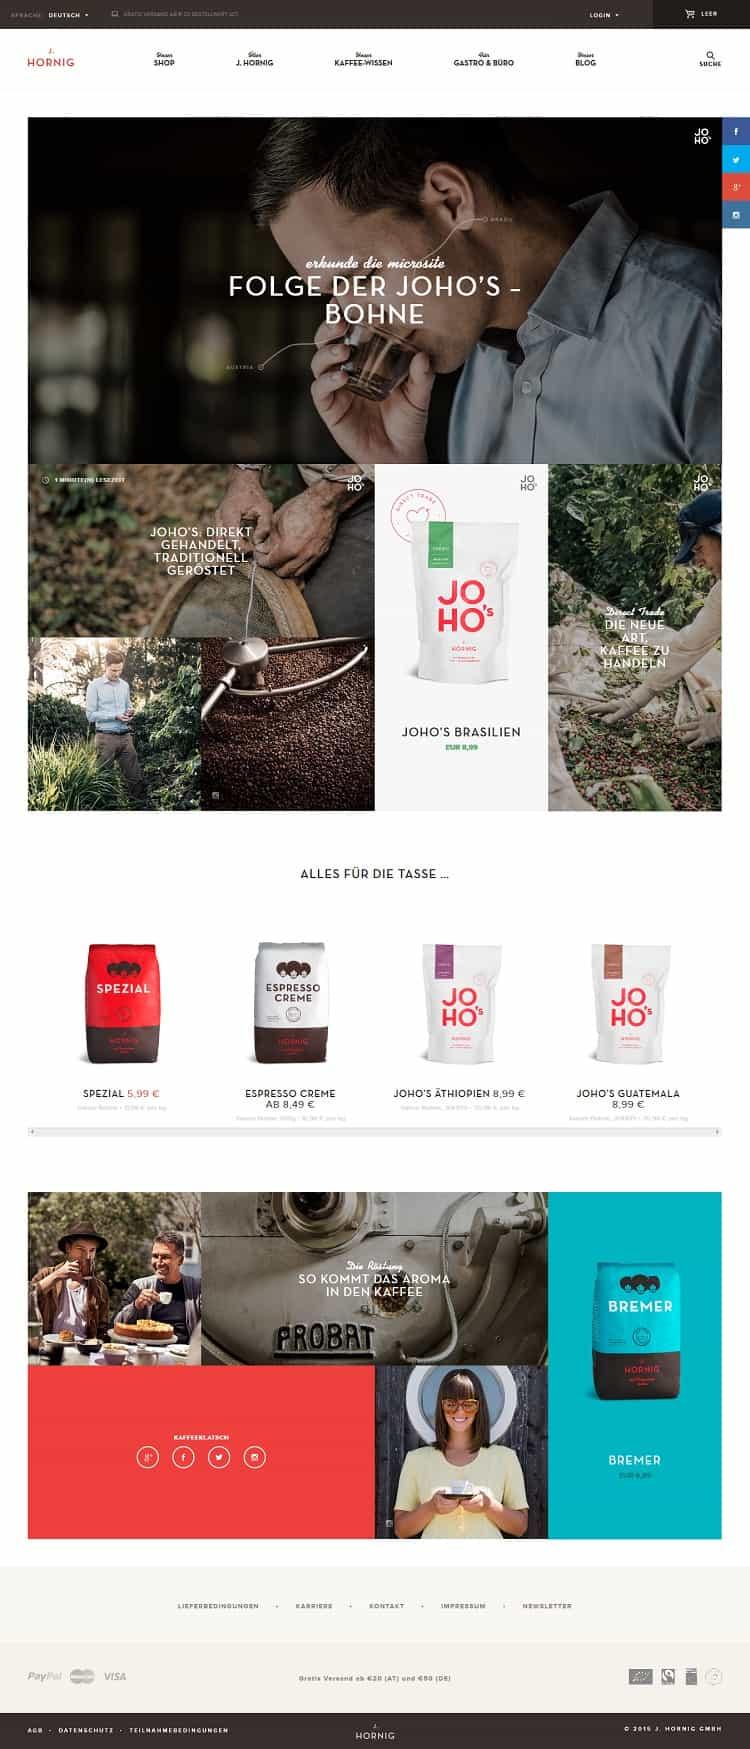 creative eshop web